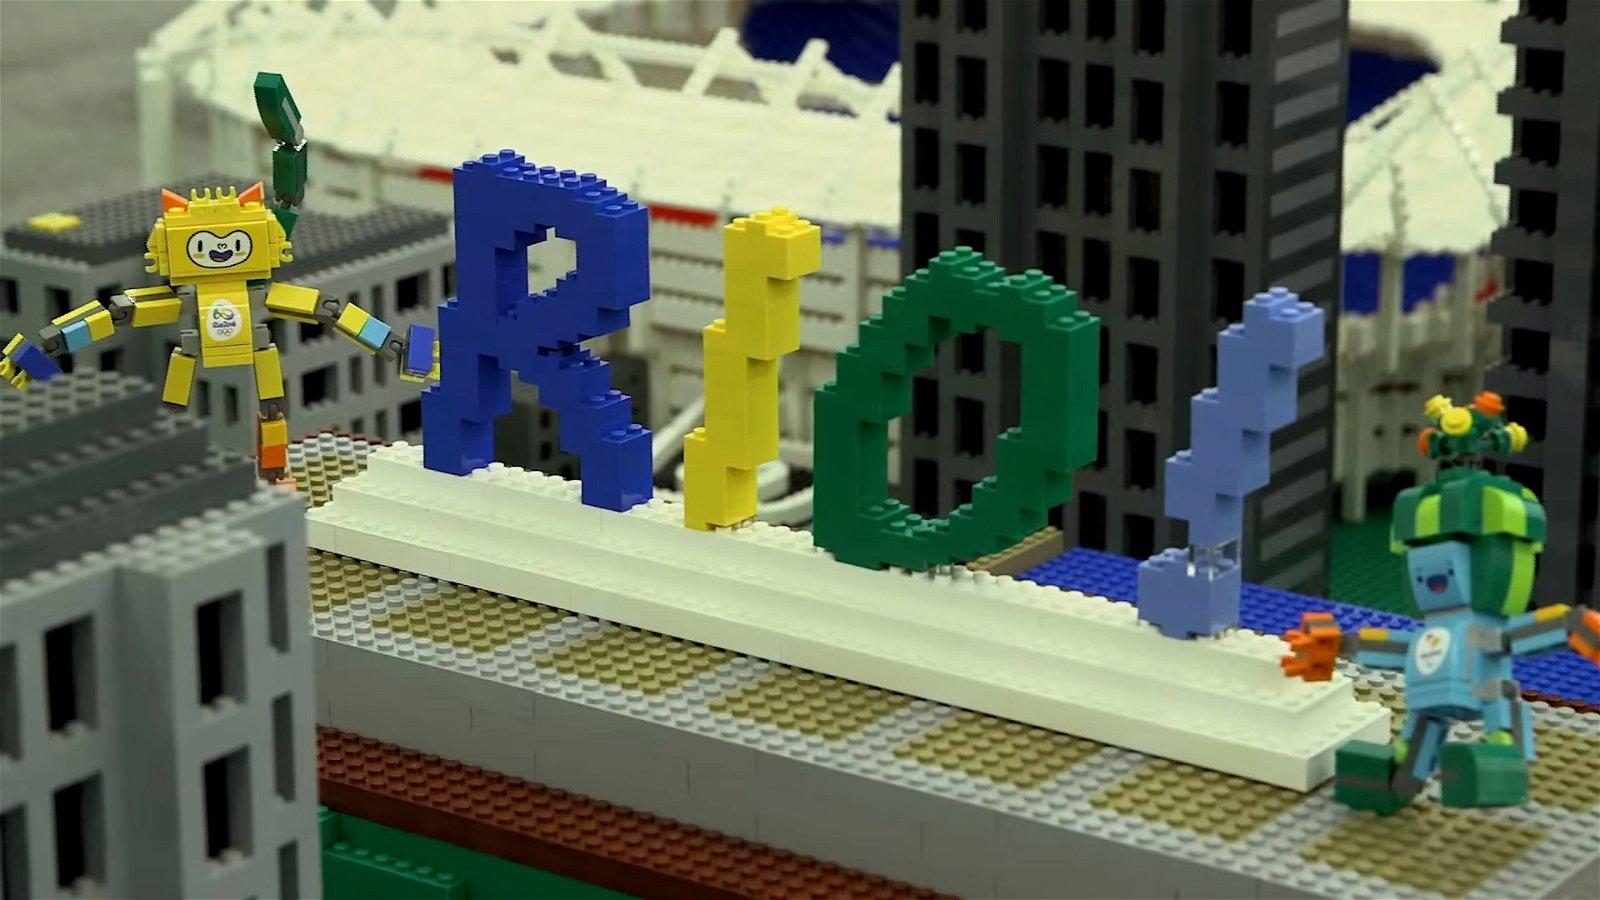 Los Juegos Olímpicos ya tienen su propia versión LEGO